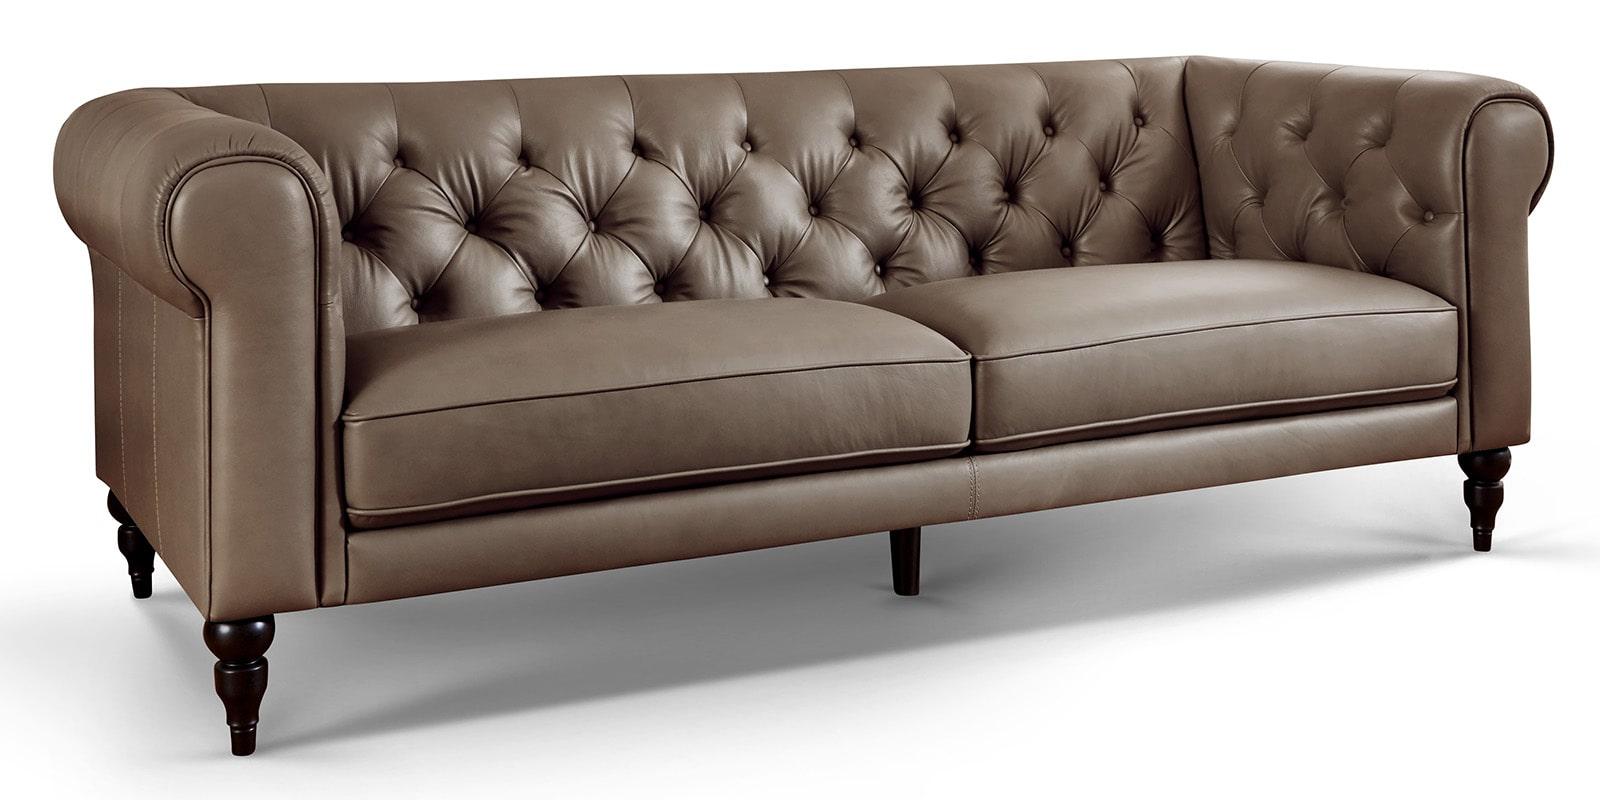 Moebella24 - 3-Sitzer - Sofa - Hudson - Chesterfield - Leder - Taupe - Dekorative - Nähte - und - Versteppungen - Detailaufnahme